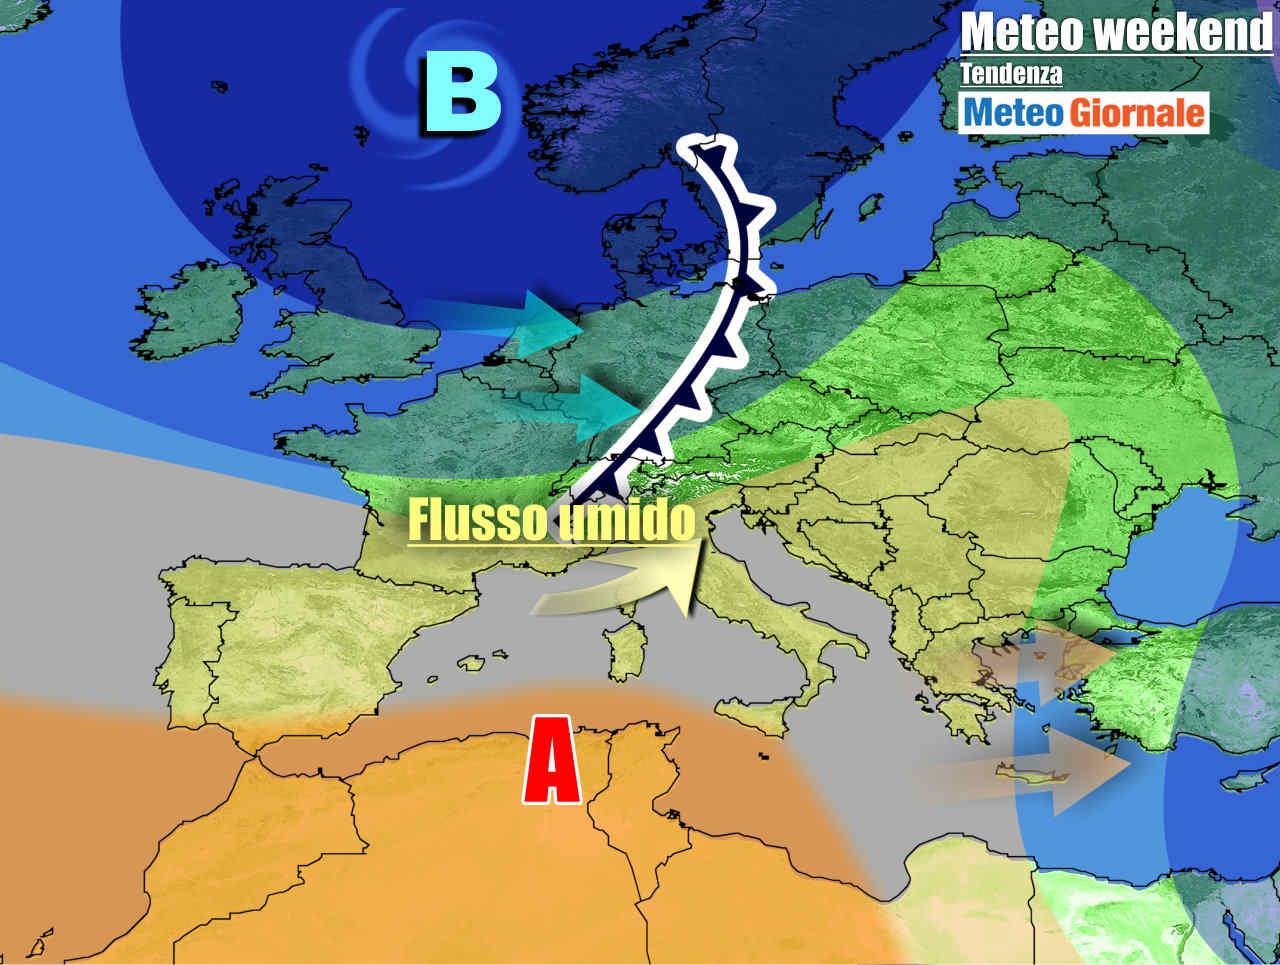 meteogiornale 7 g 23 - METEO Italia. L'Anticiclone ci porta la Primavera, ma Weekend novità